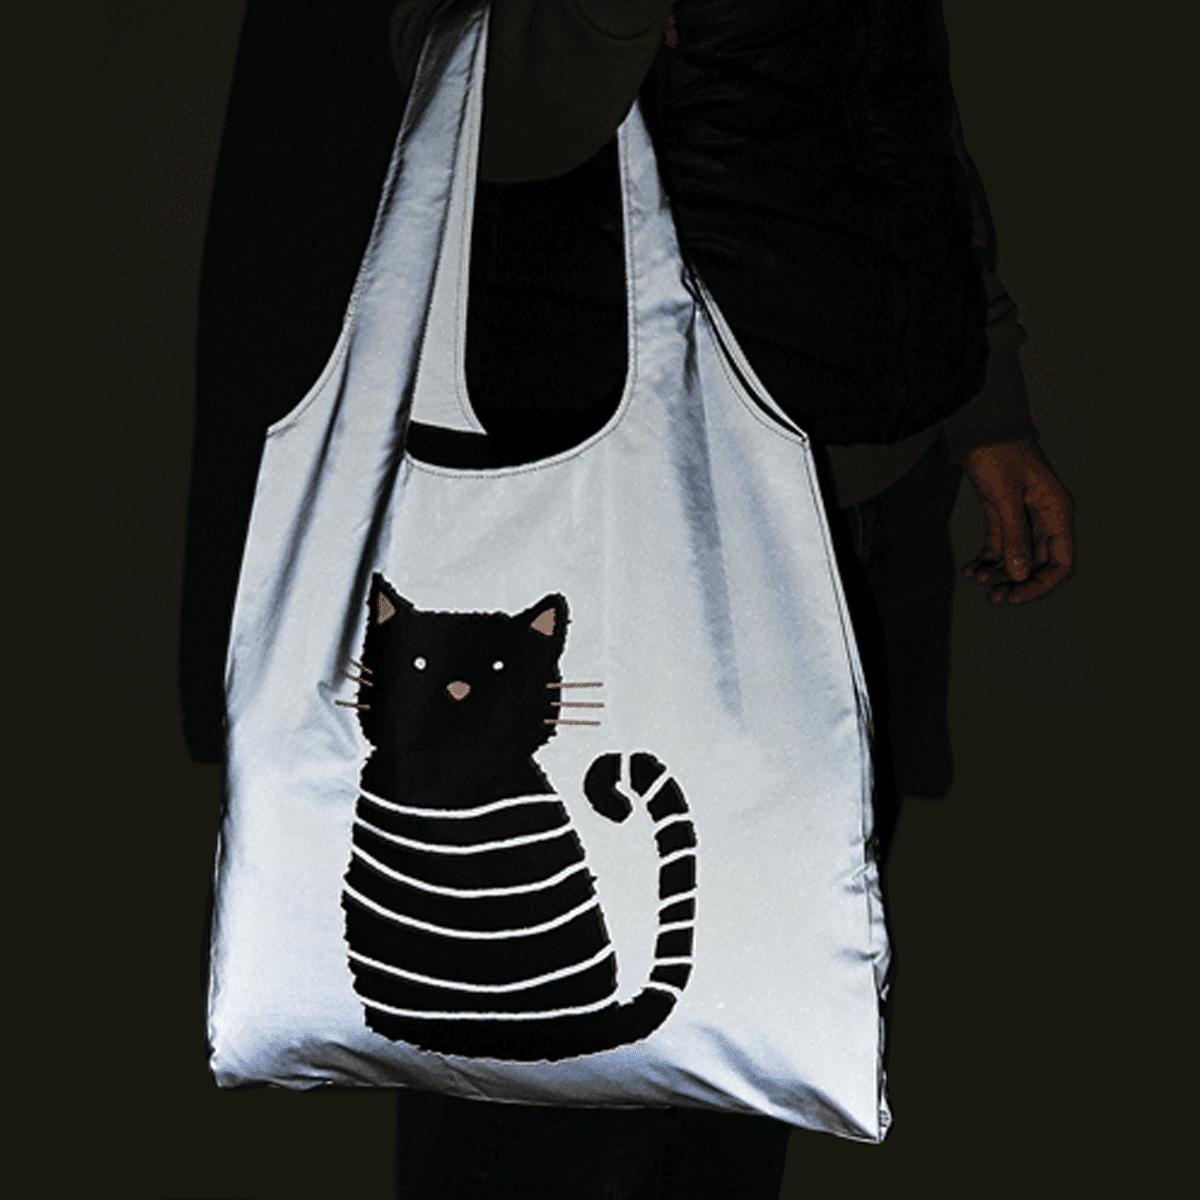 Shoppingkasse med katt och reflex